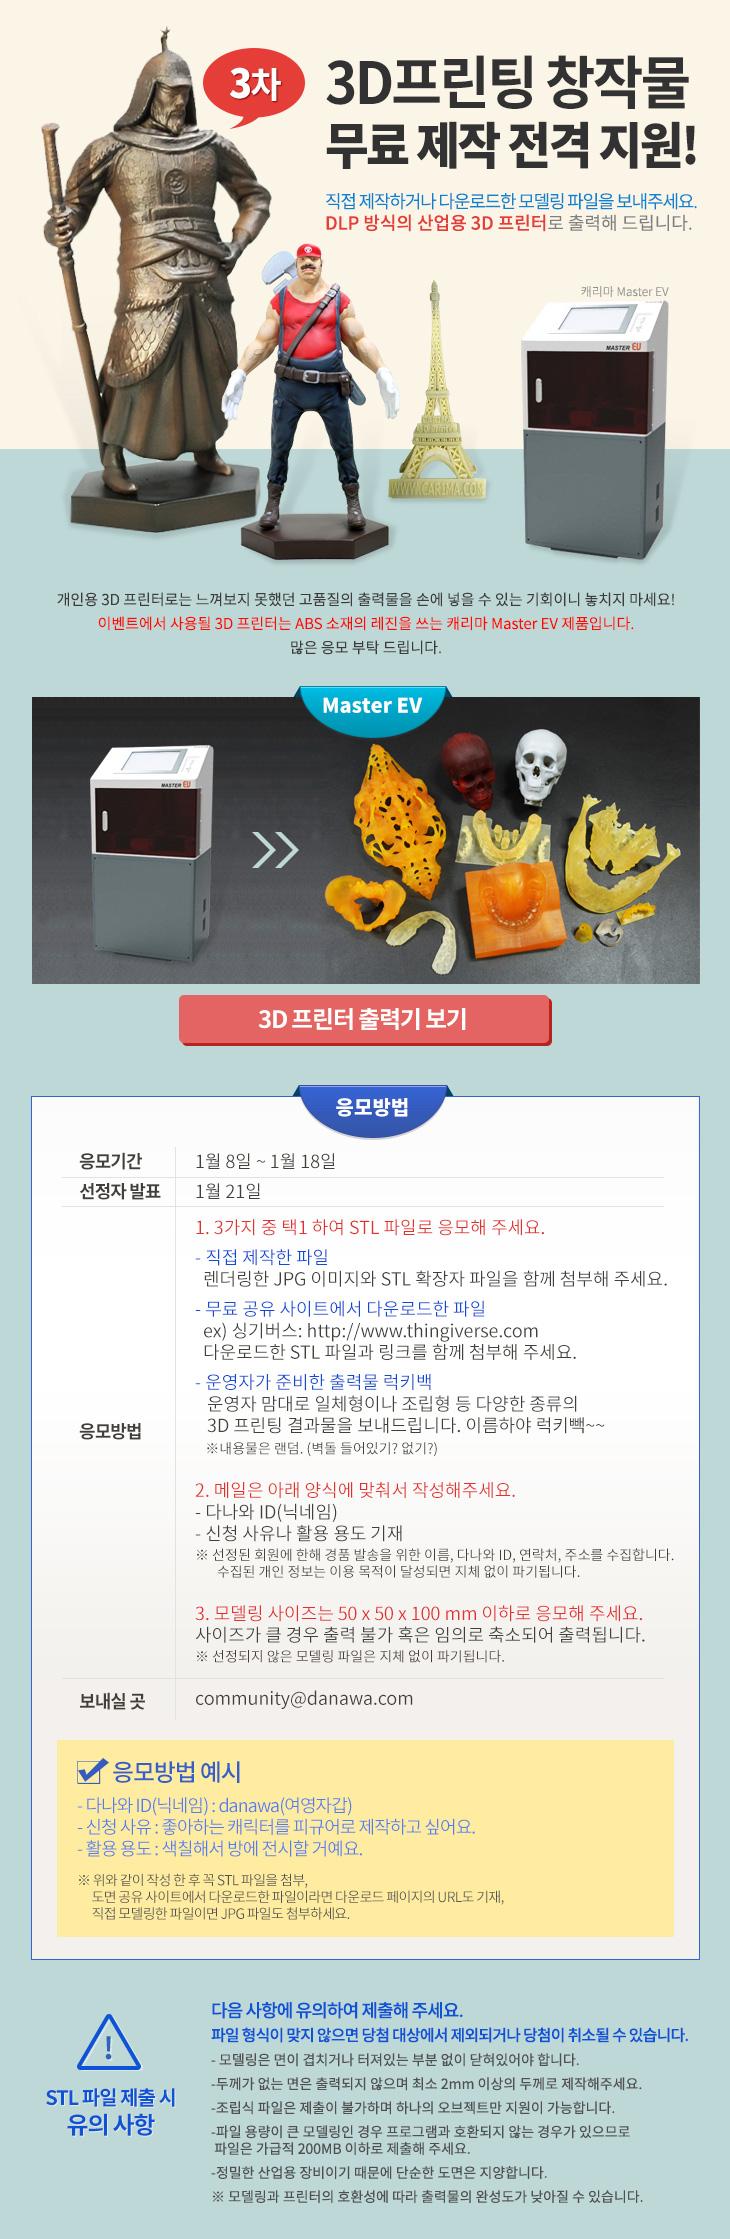 3D프린팅 창작물 무료 제작